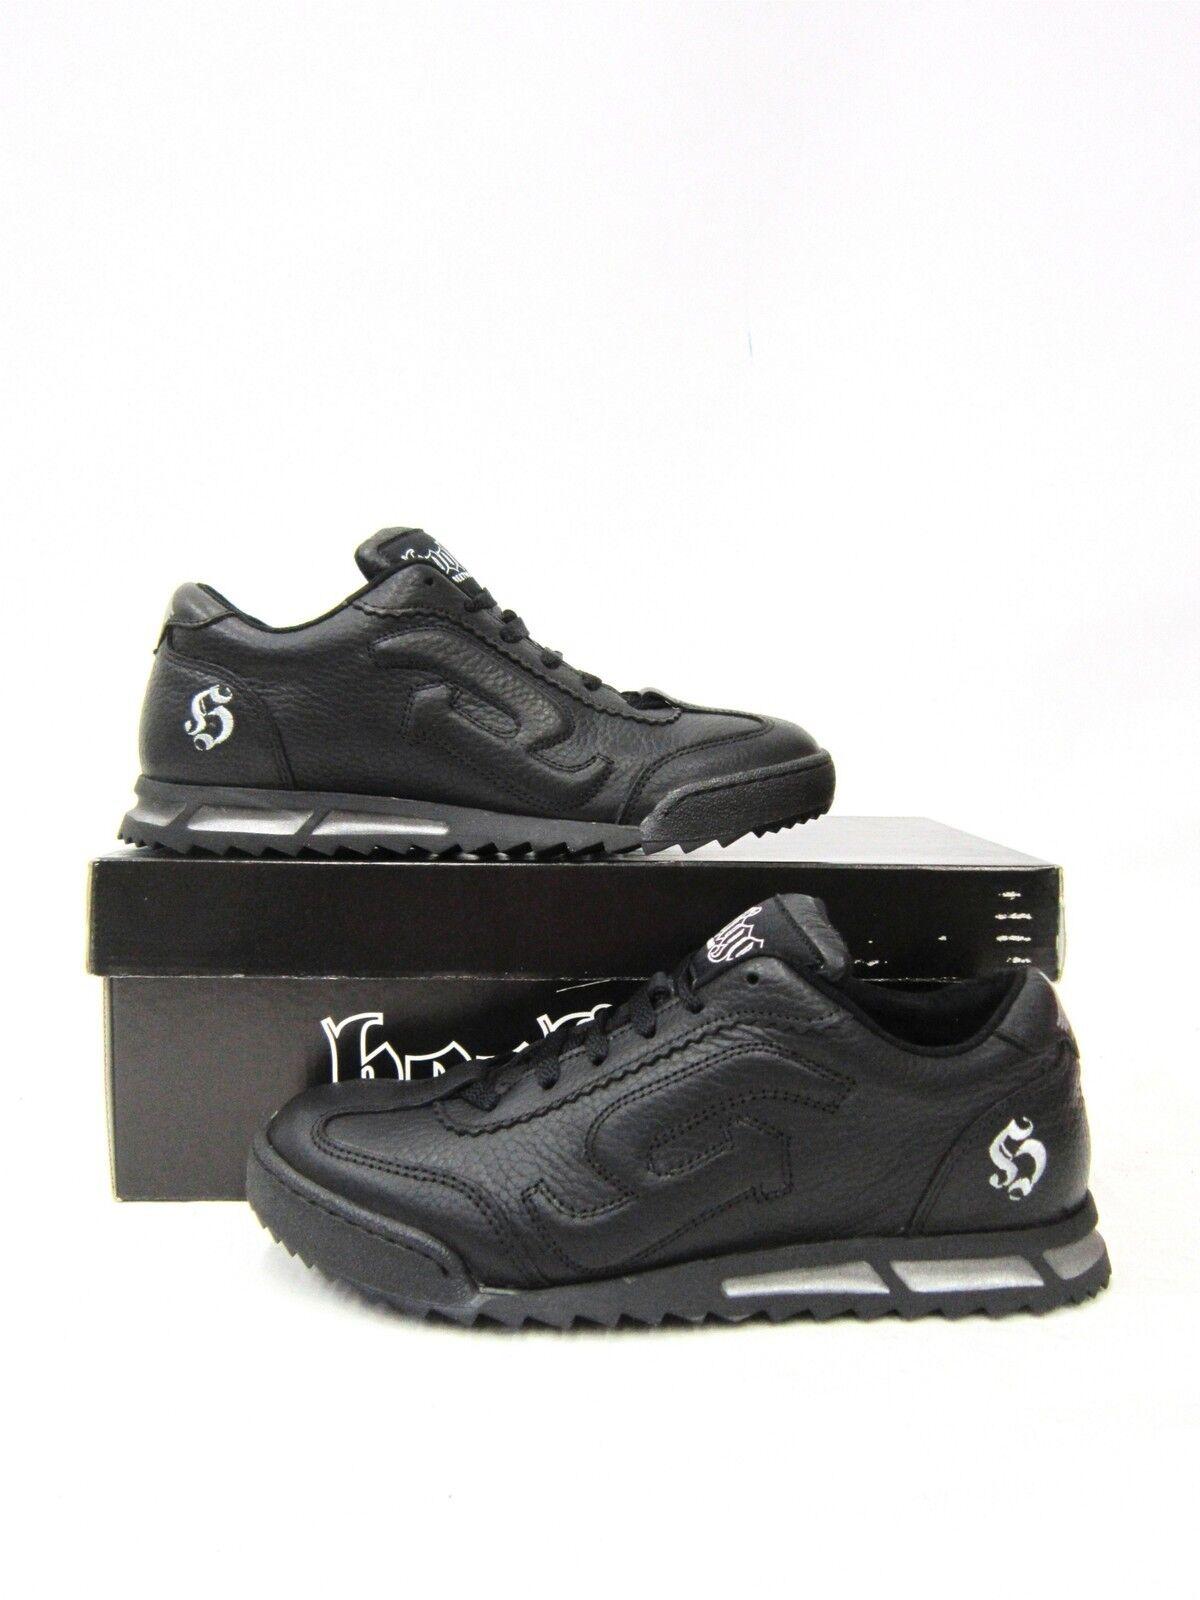 Billig gute Qualität Hooligan Sneaker Schuh Schwarz #5000